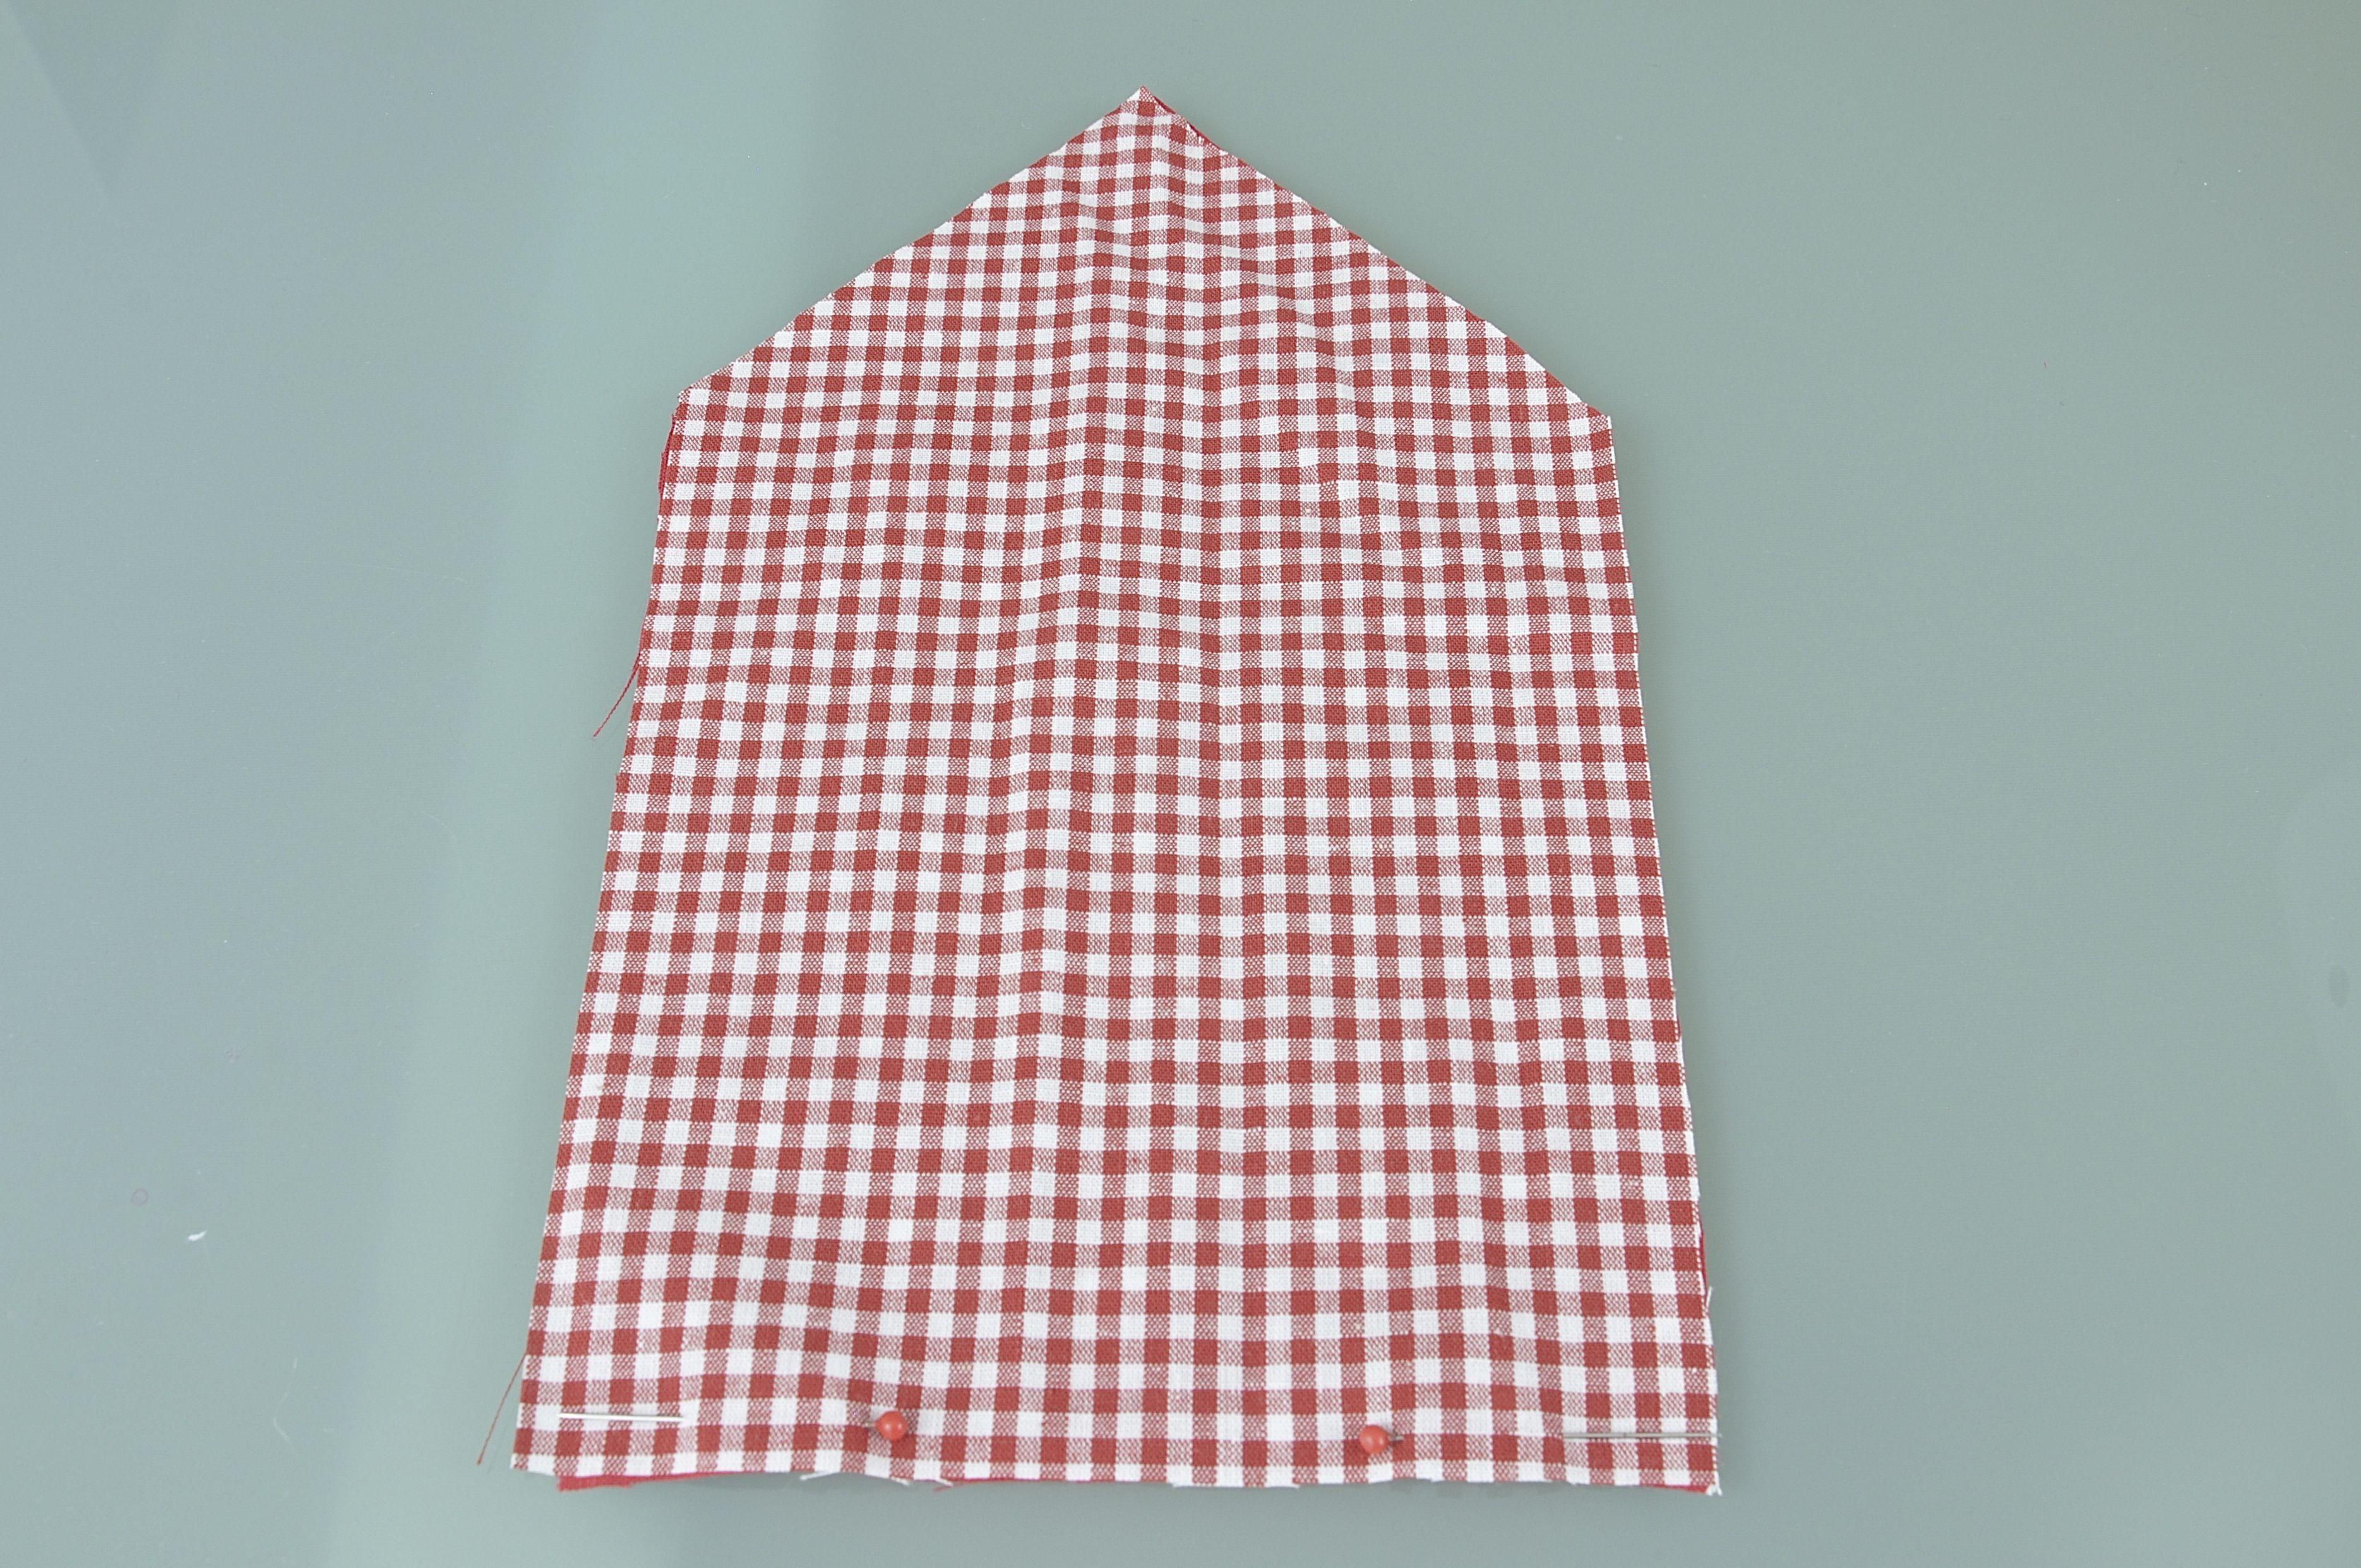 Kleine Tasche Nähen - Schnittmuster & Anleitung